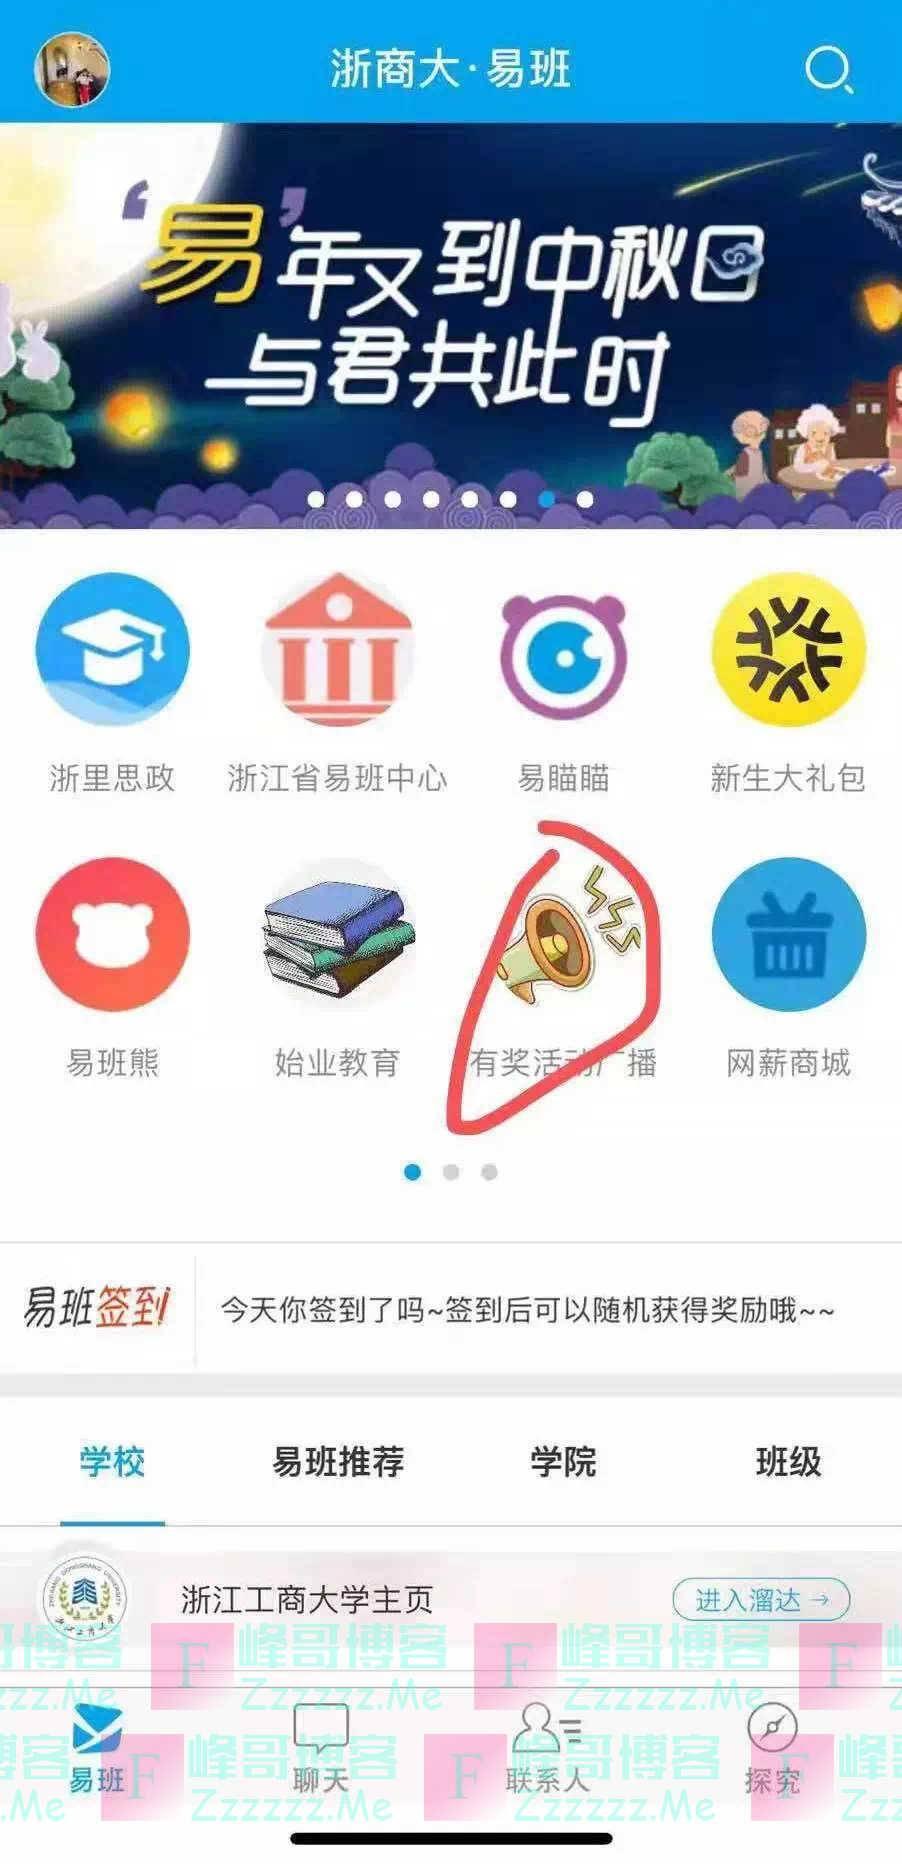 商大军协国防知识有奖竞答(9月30日截止)